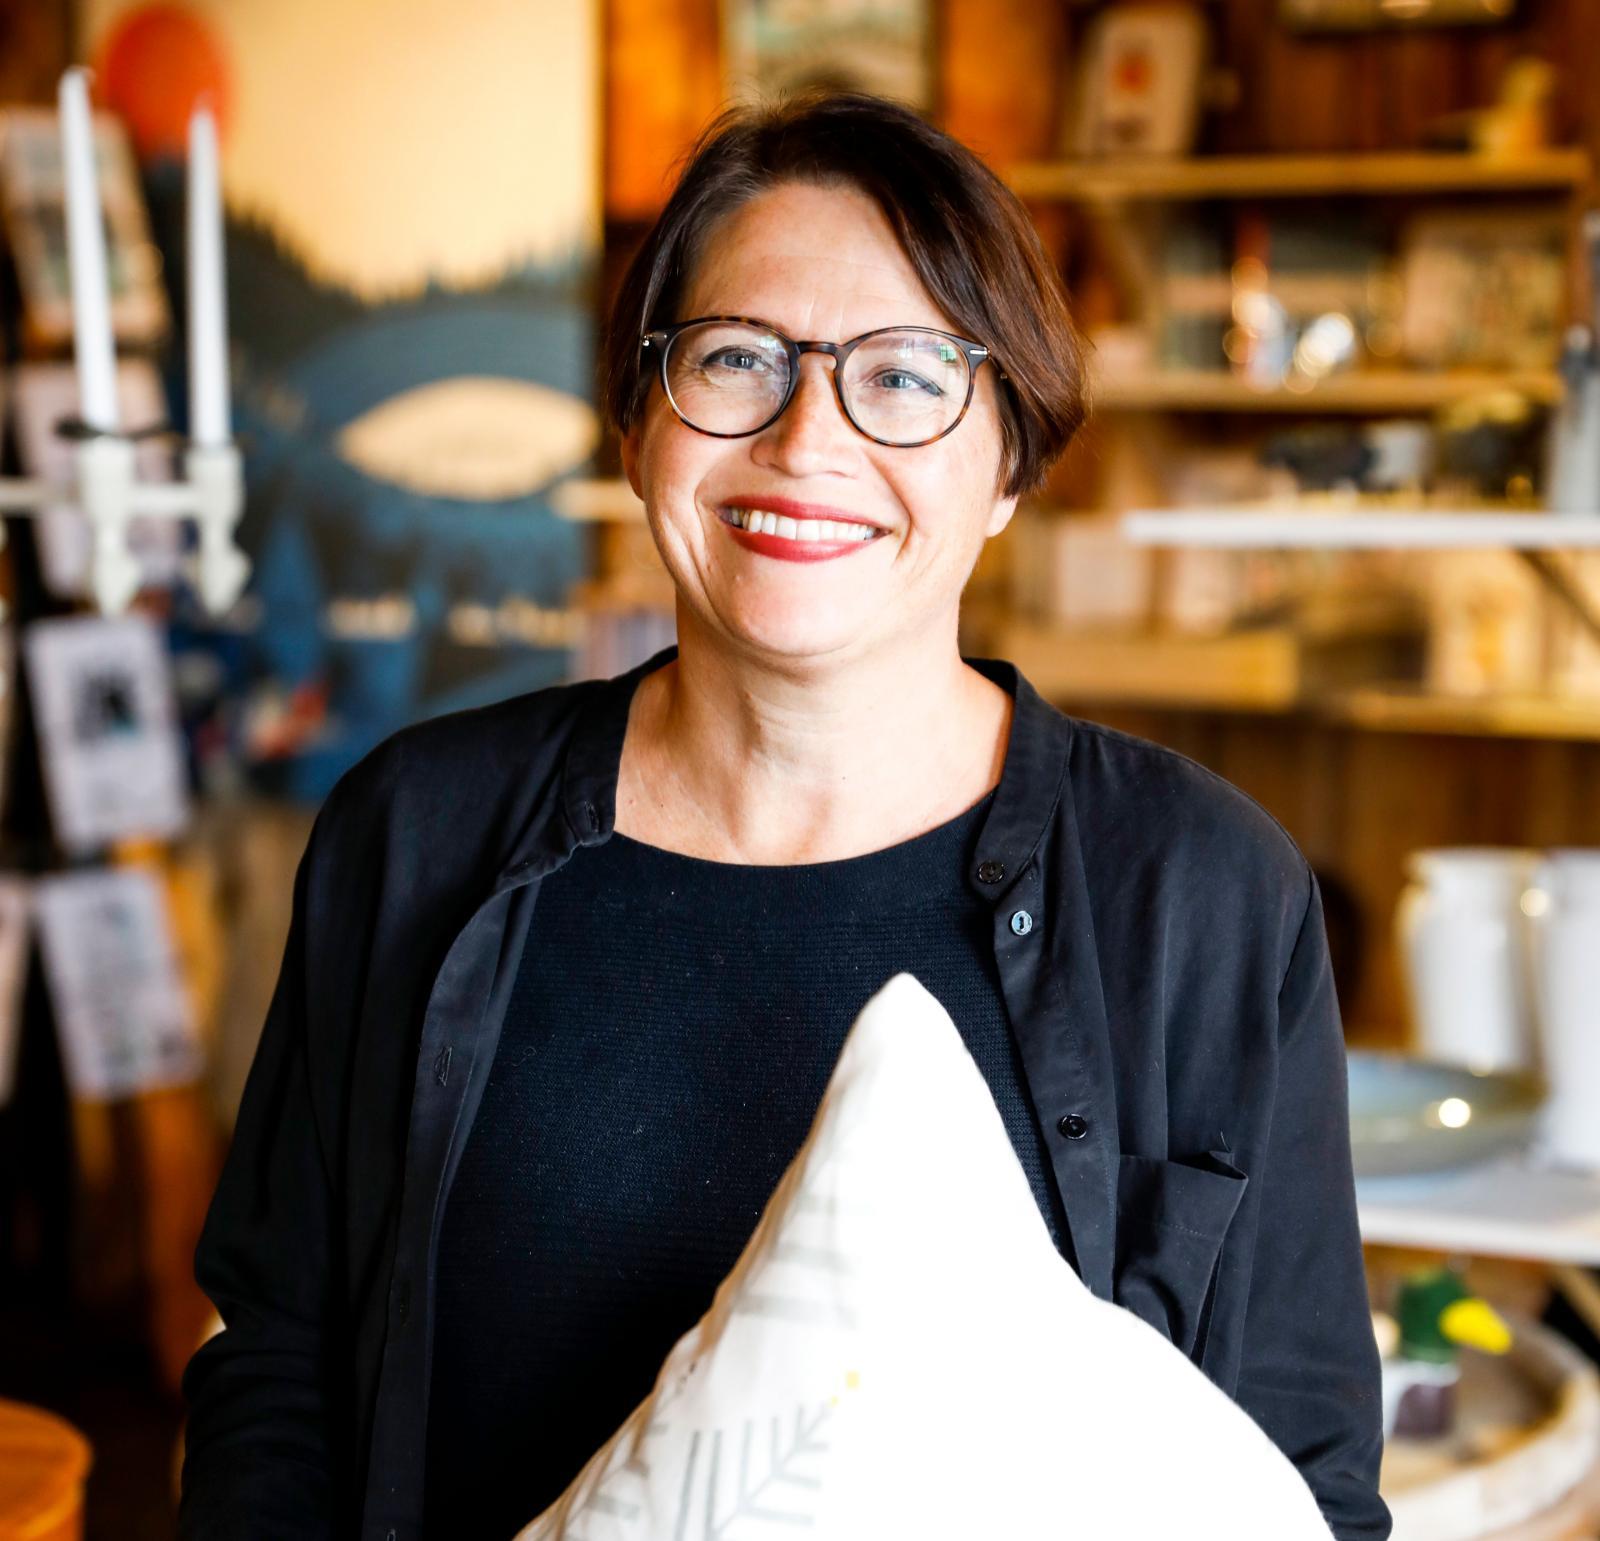 Formgivaren Vicci Andersson Sjöbom jobbar på hamnmagasinet och formger bland annat kollektionen Granris Medelpad.